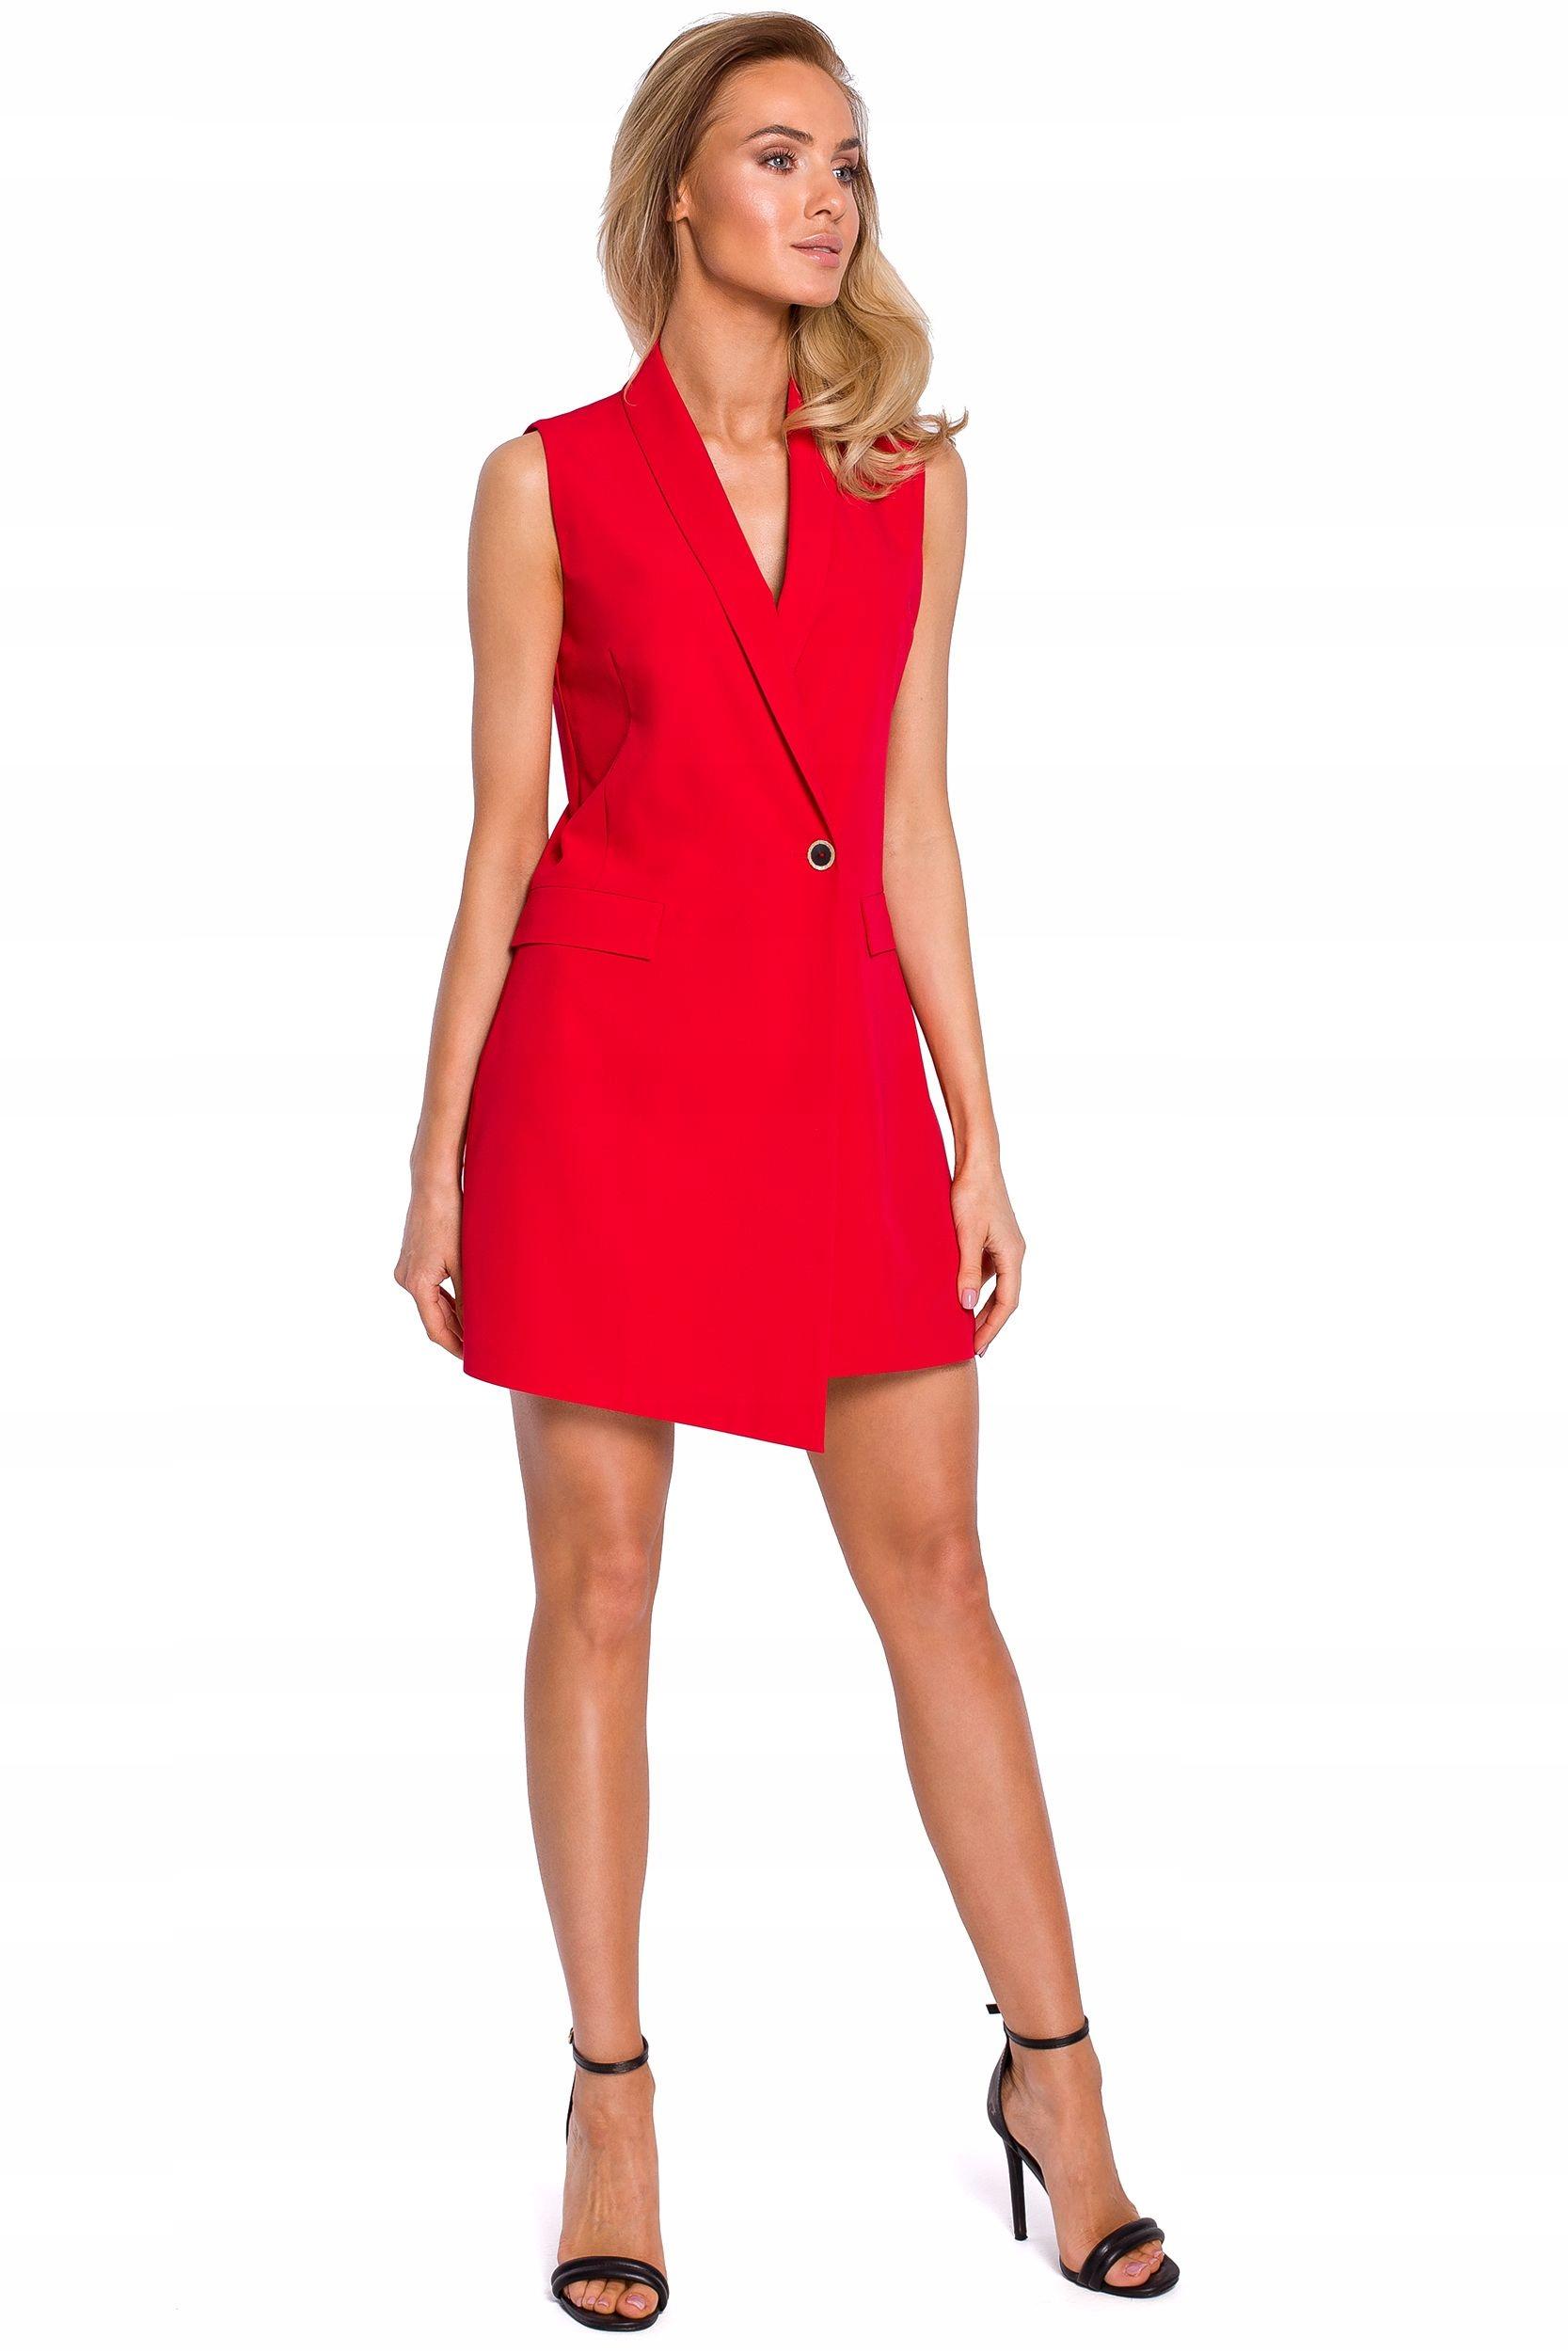 M439 Sukienka żakietowa bez rękawów - czerwona 36